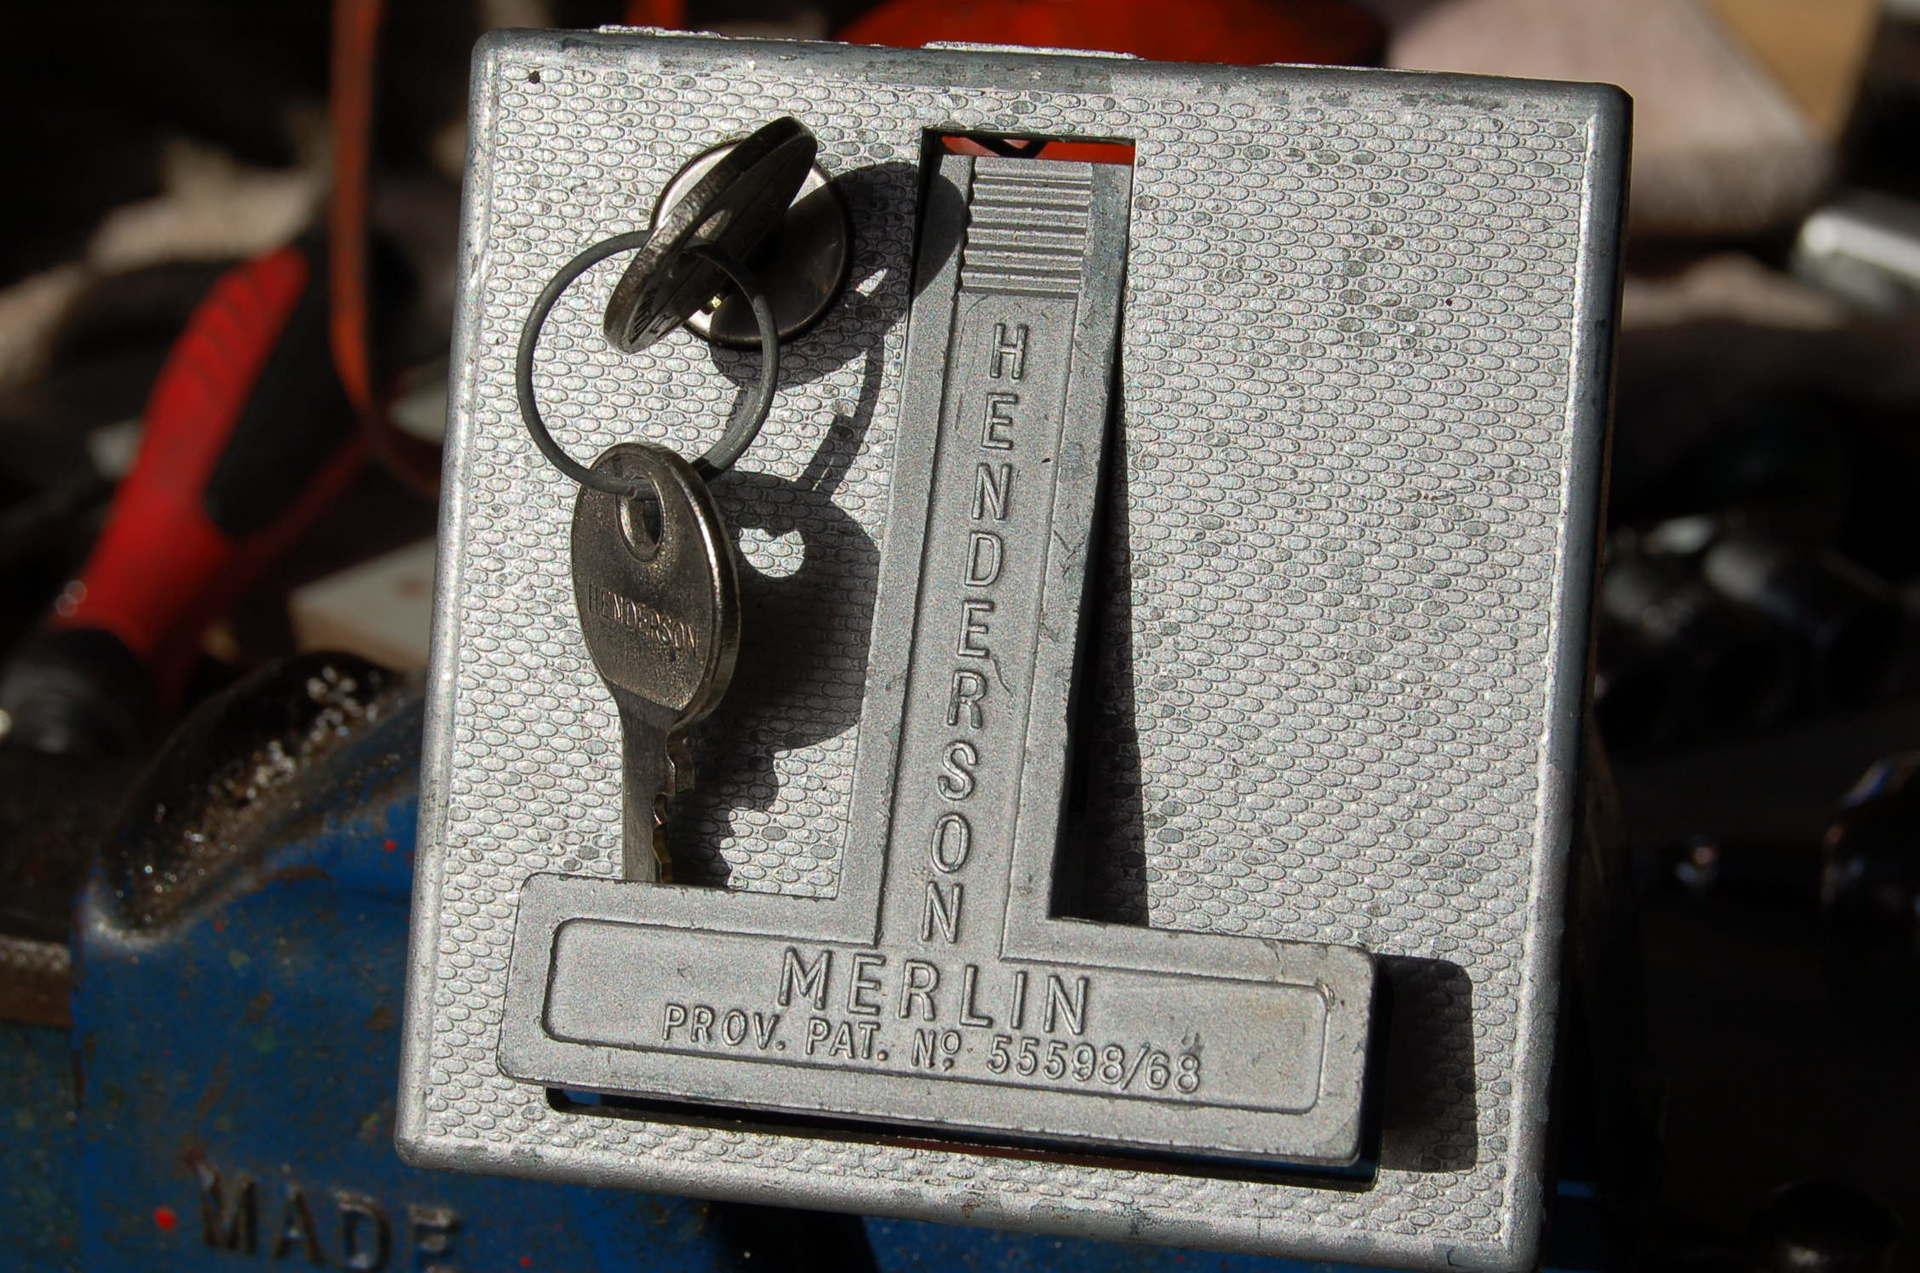 Paul Easton Locksmiths Based In Chepstow Garage Door